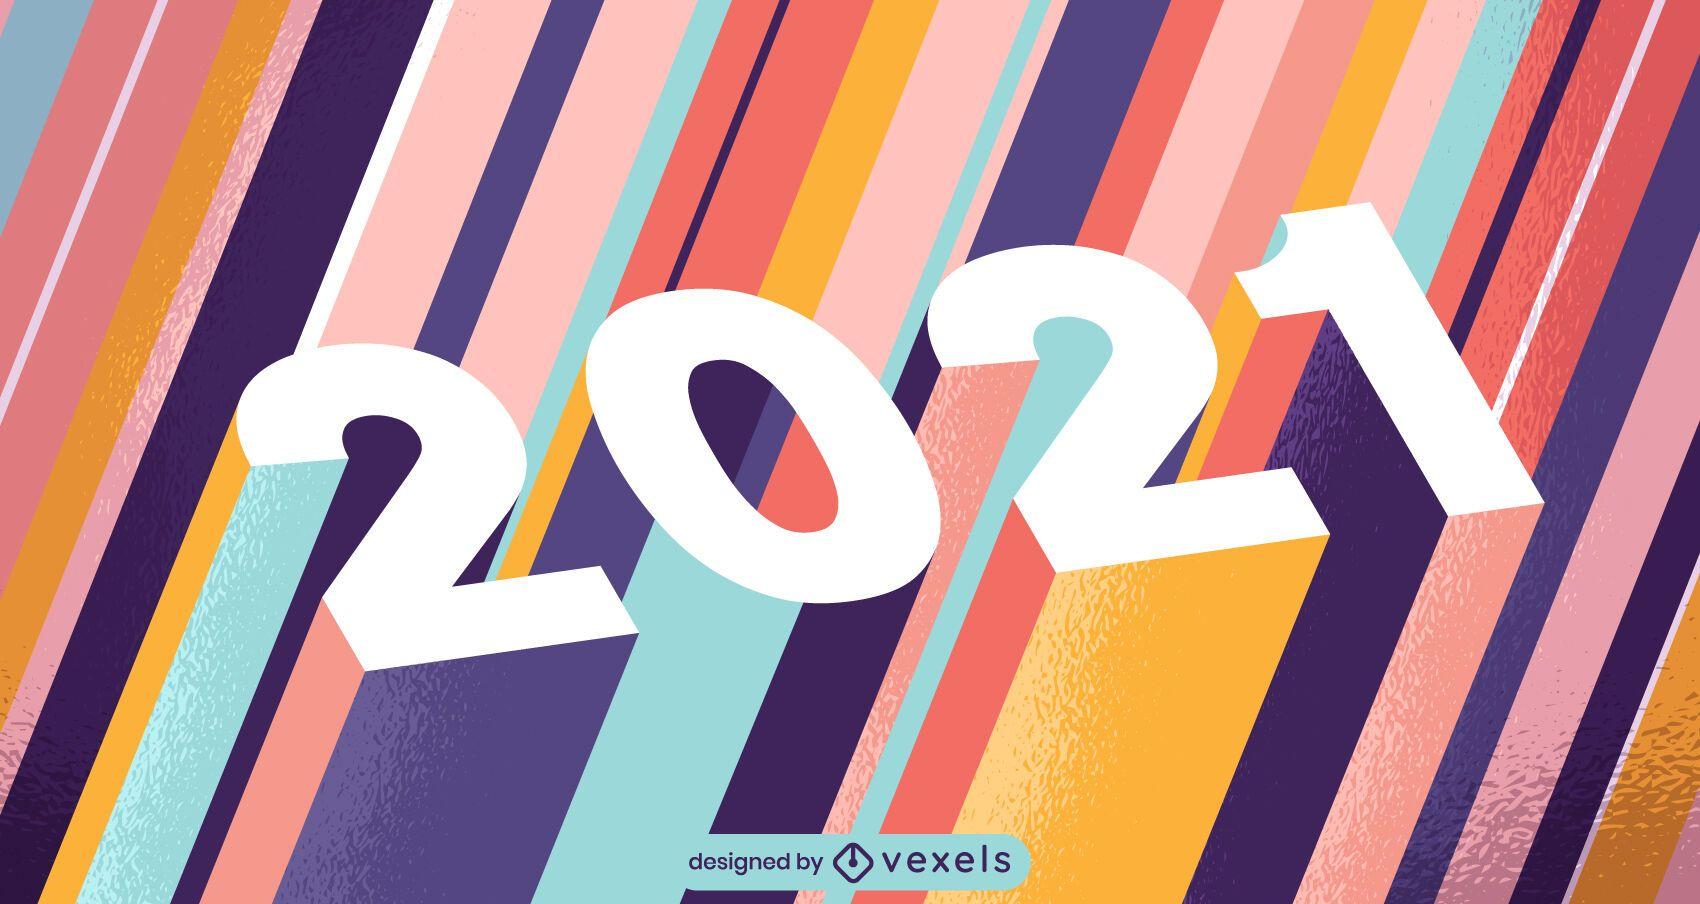 2021 3d illustration design